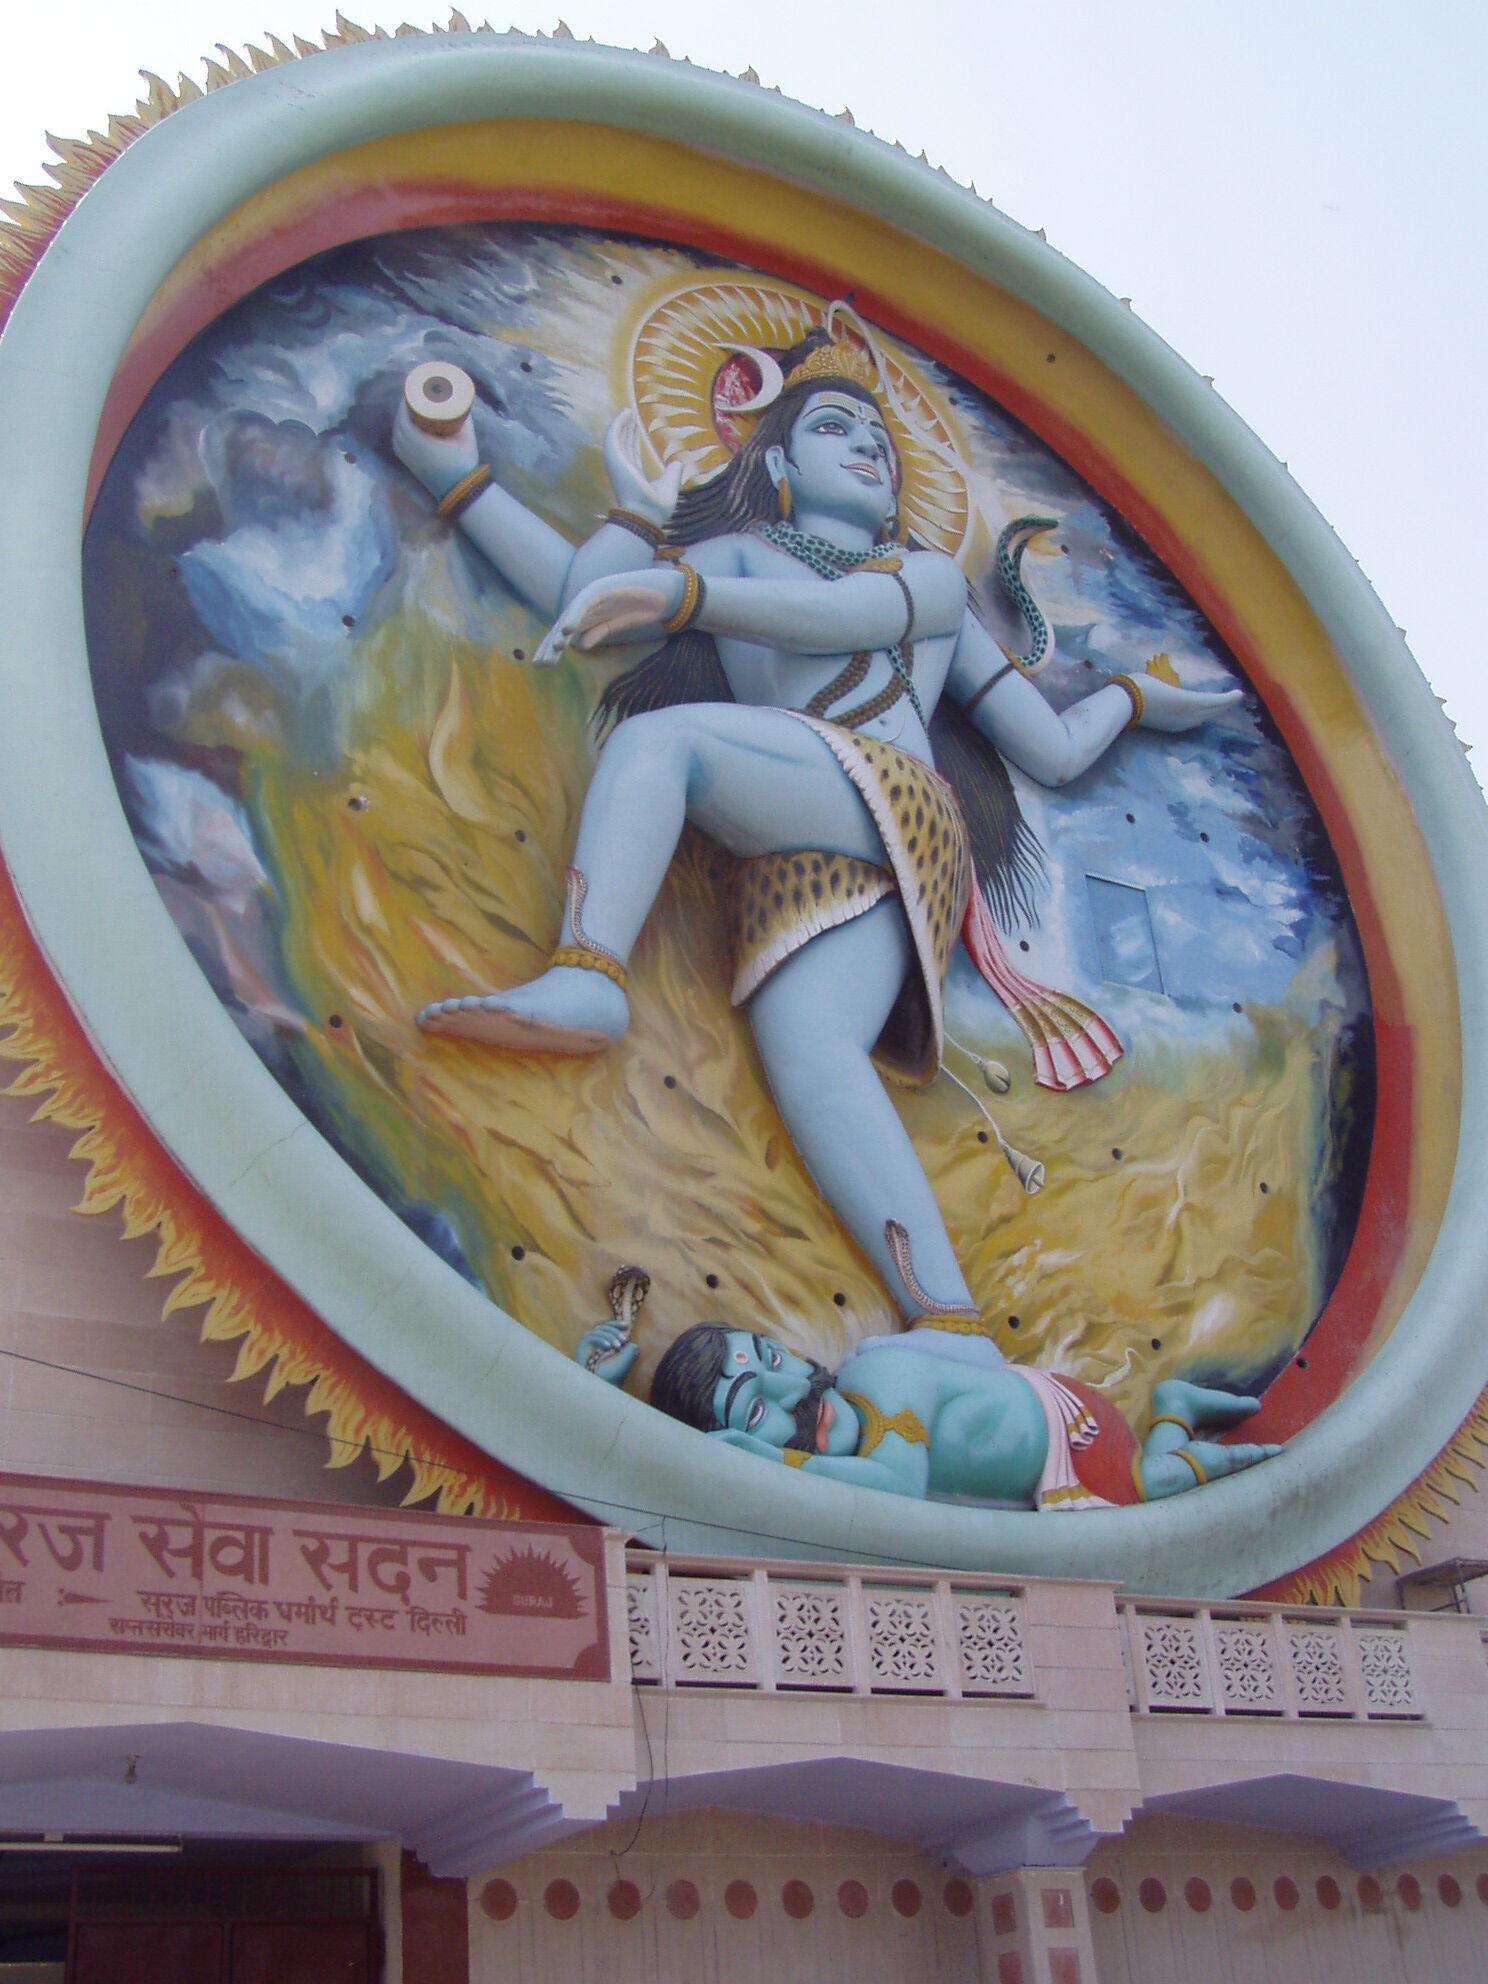 Северная Индия, Харидвар. Синий Шива в синем небе танцует на фоне желтого огня